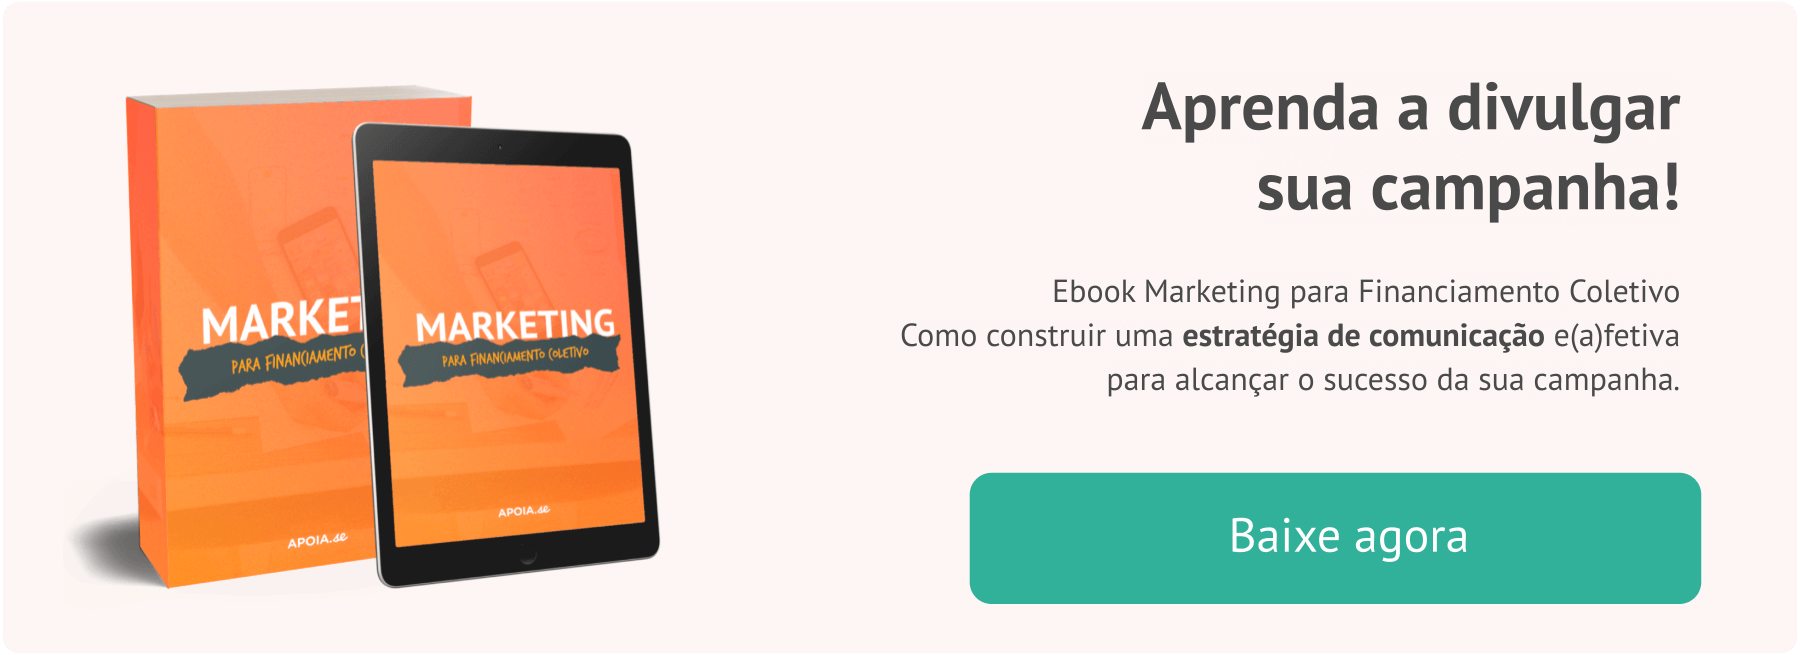 ebook-marketing-para-financiamento-coletivo-_-blog